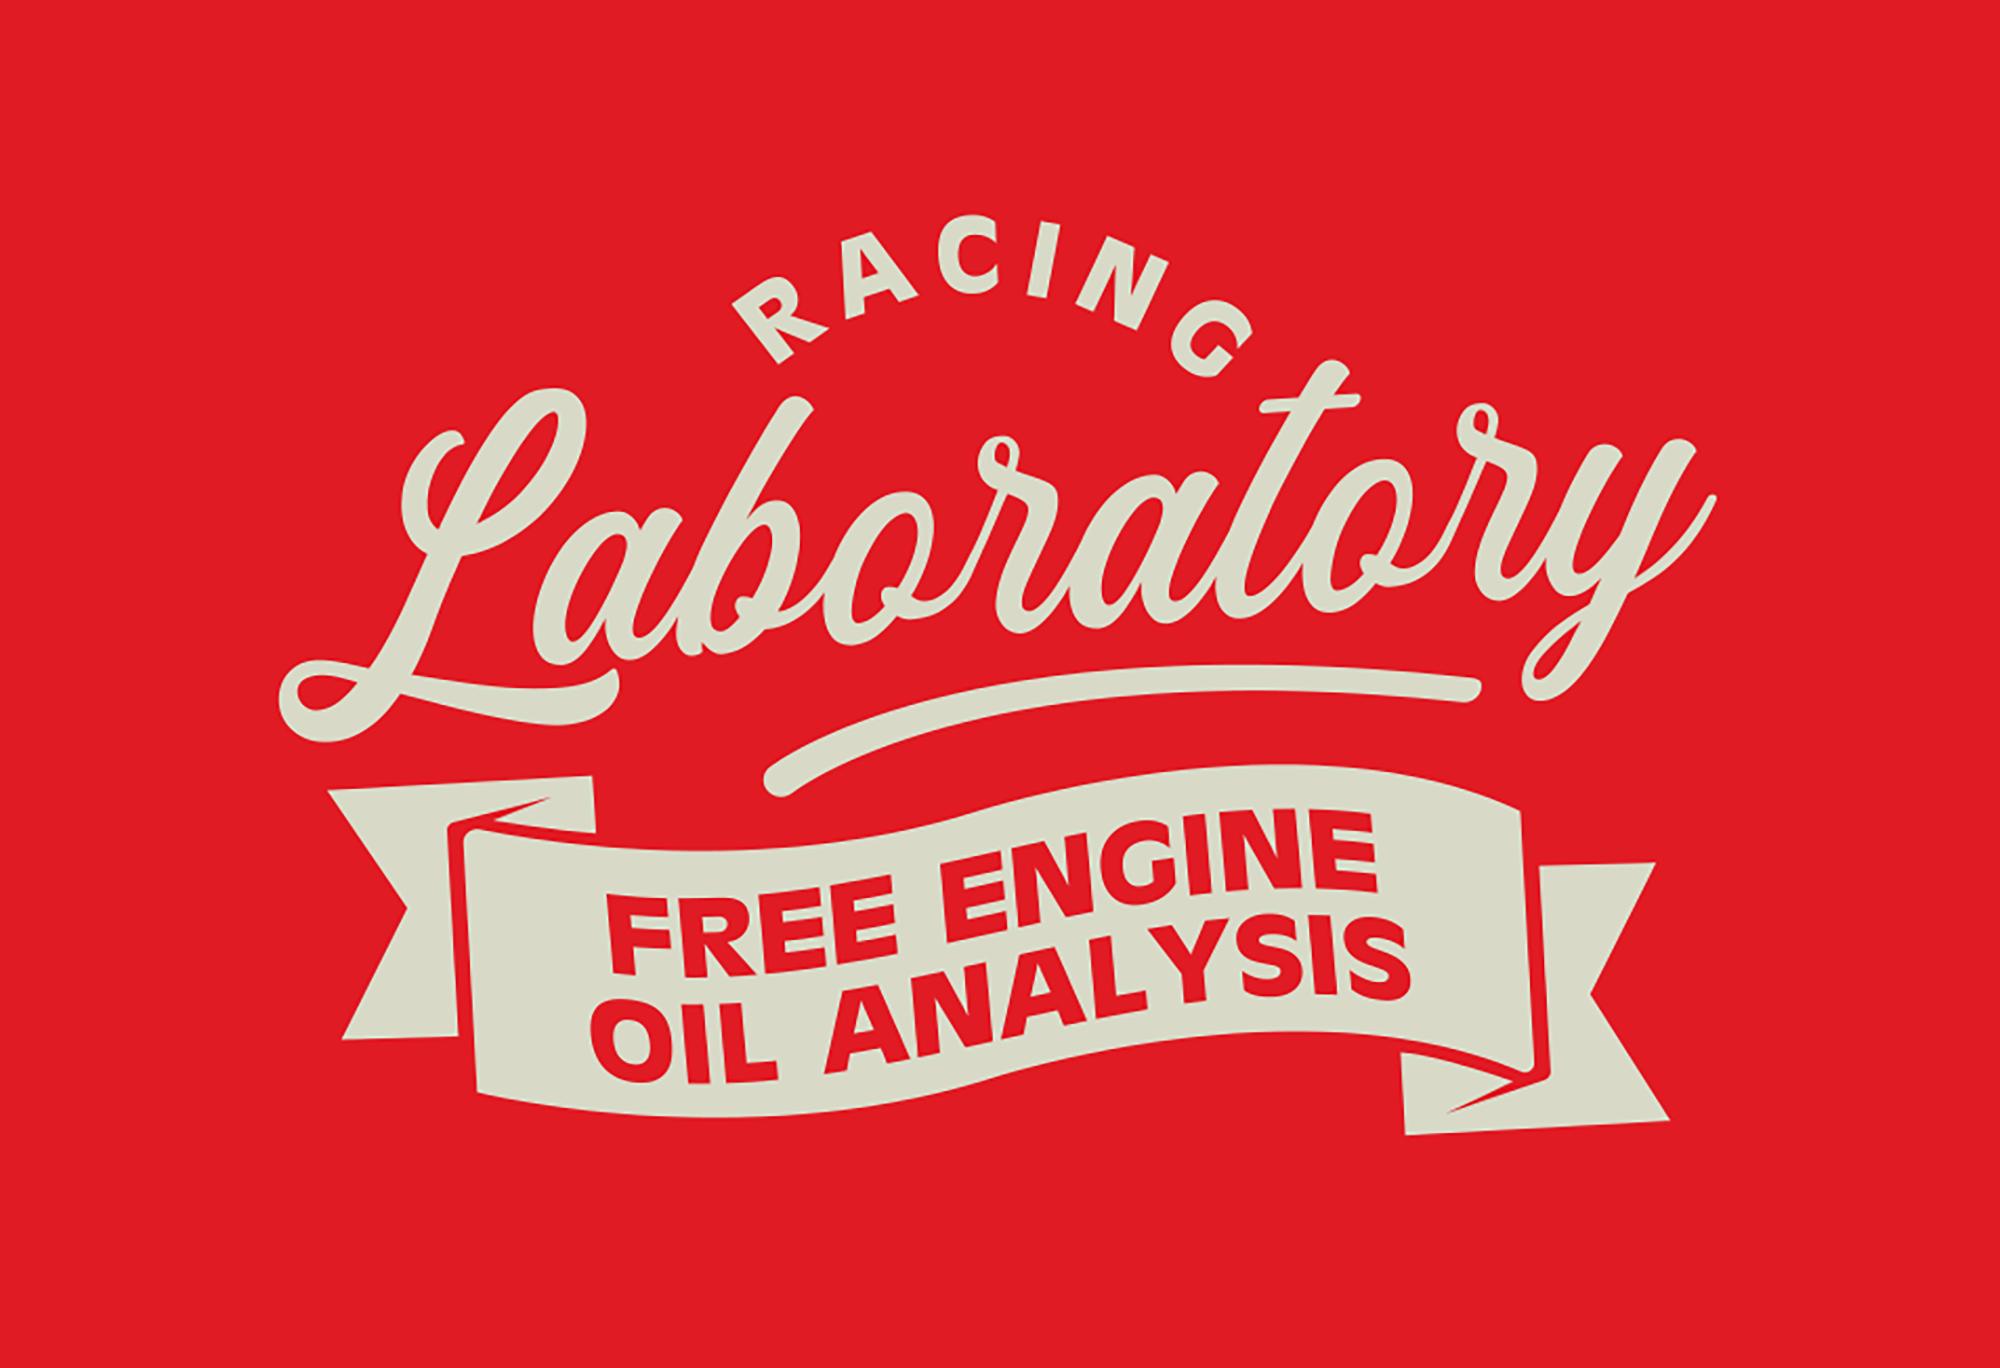 Спортивна лабораторія Motul (Motul Racing Lab) відкрита для усіх конкурентів в Goodwood Revival